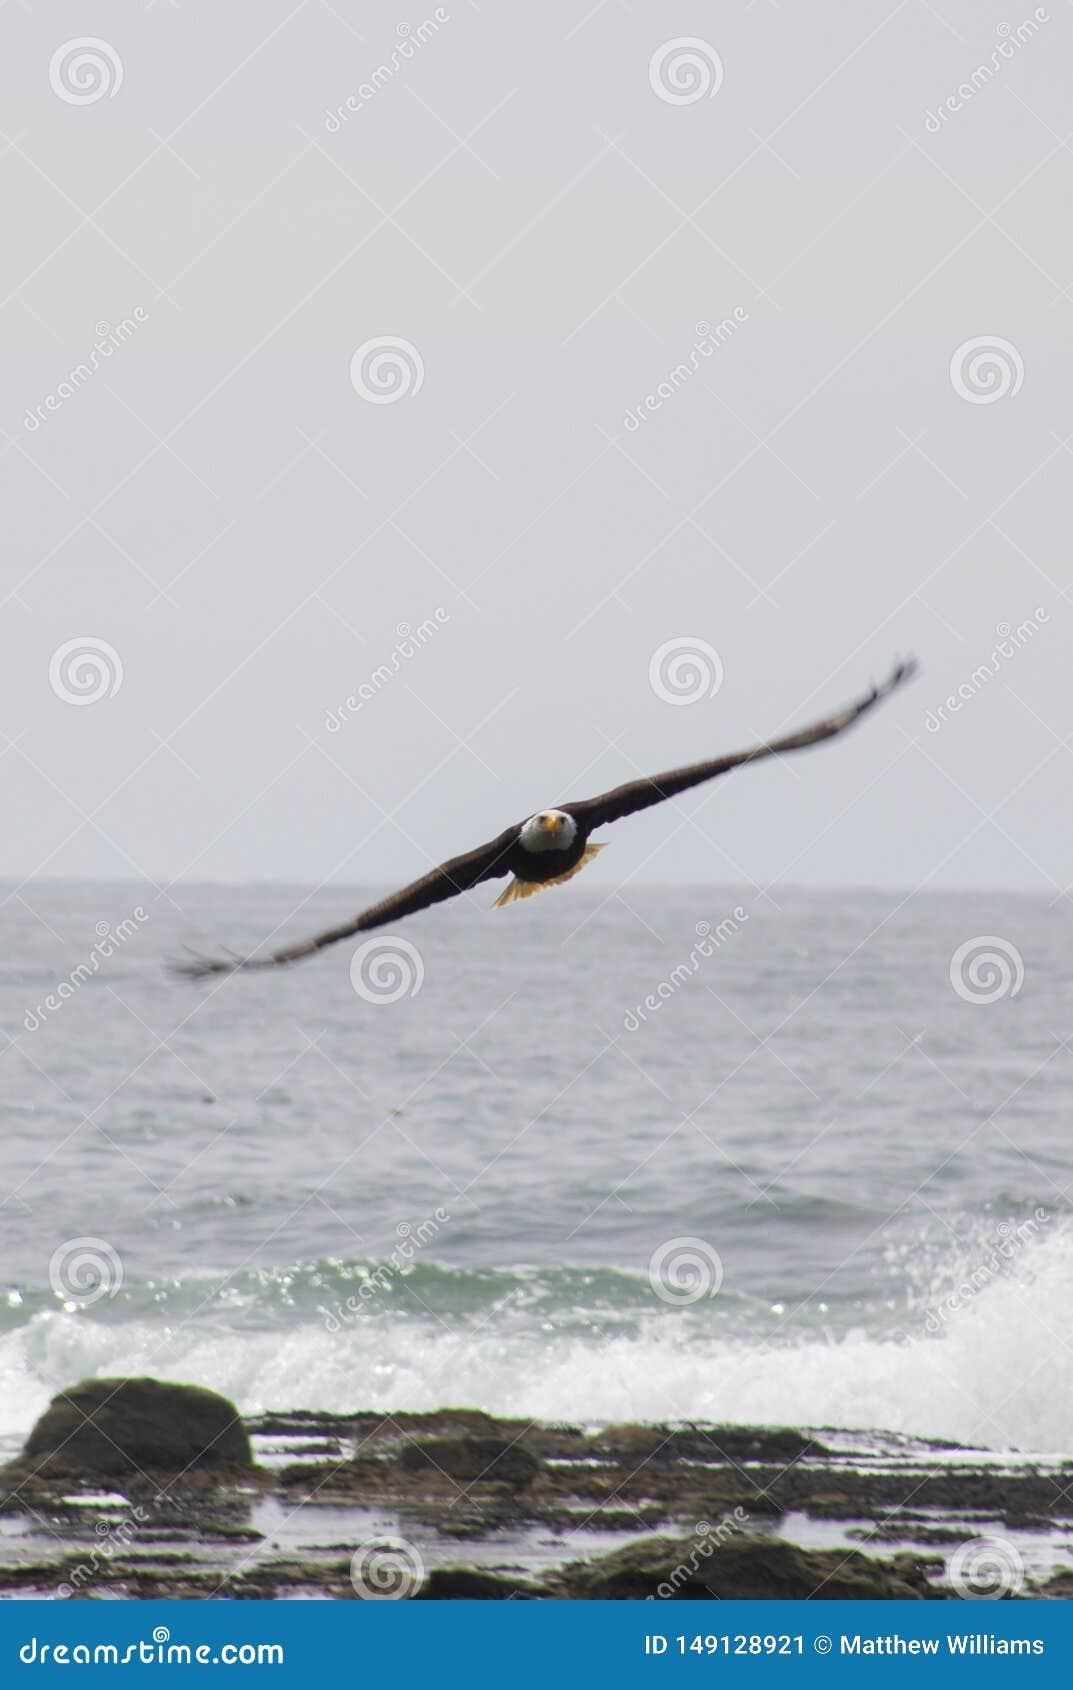 Kahler Eagle Soars Over Crashing Waves